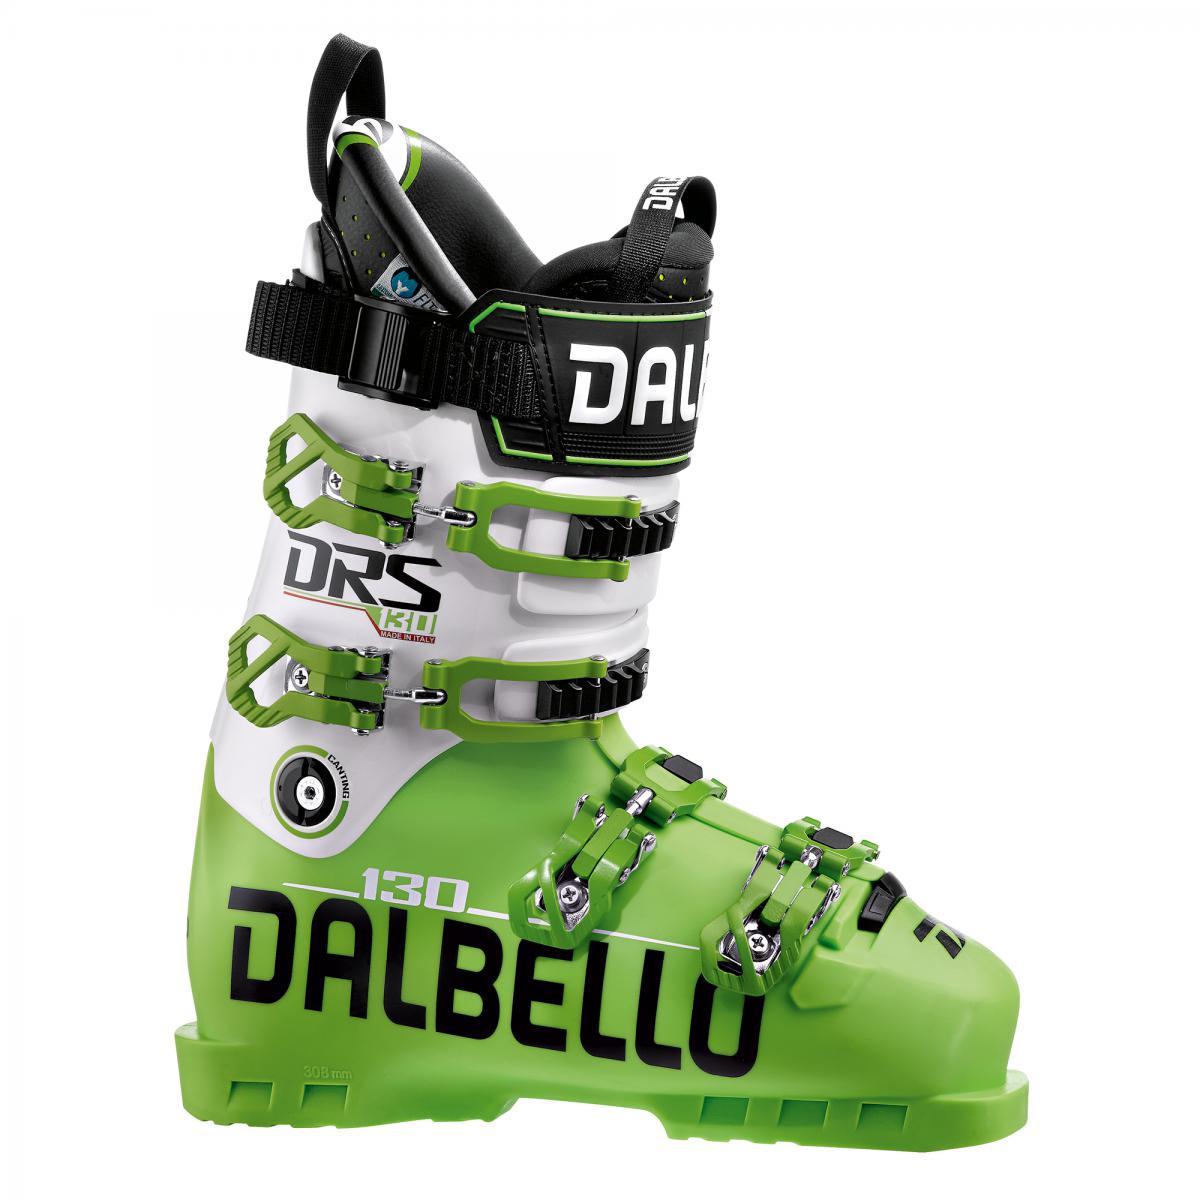 Dalbello  DRS 130 18/19